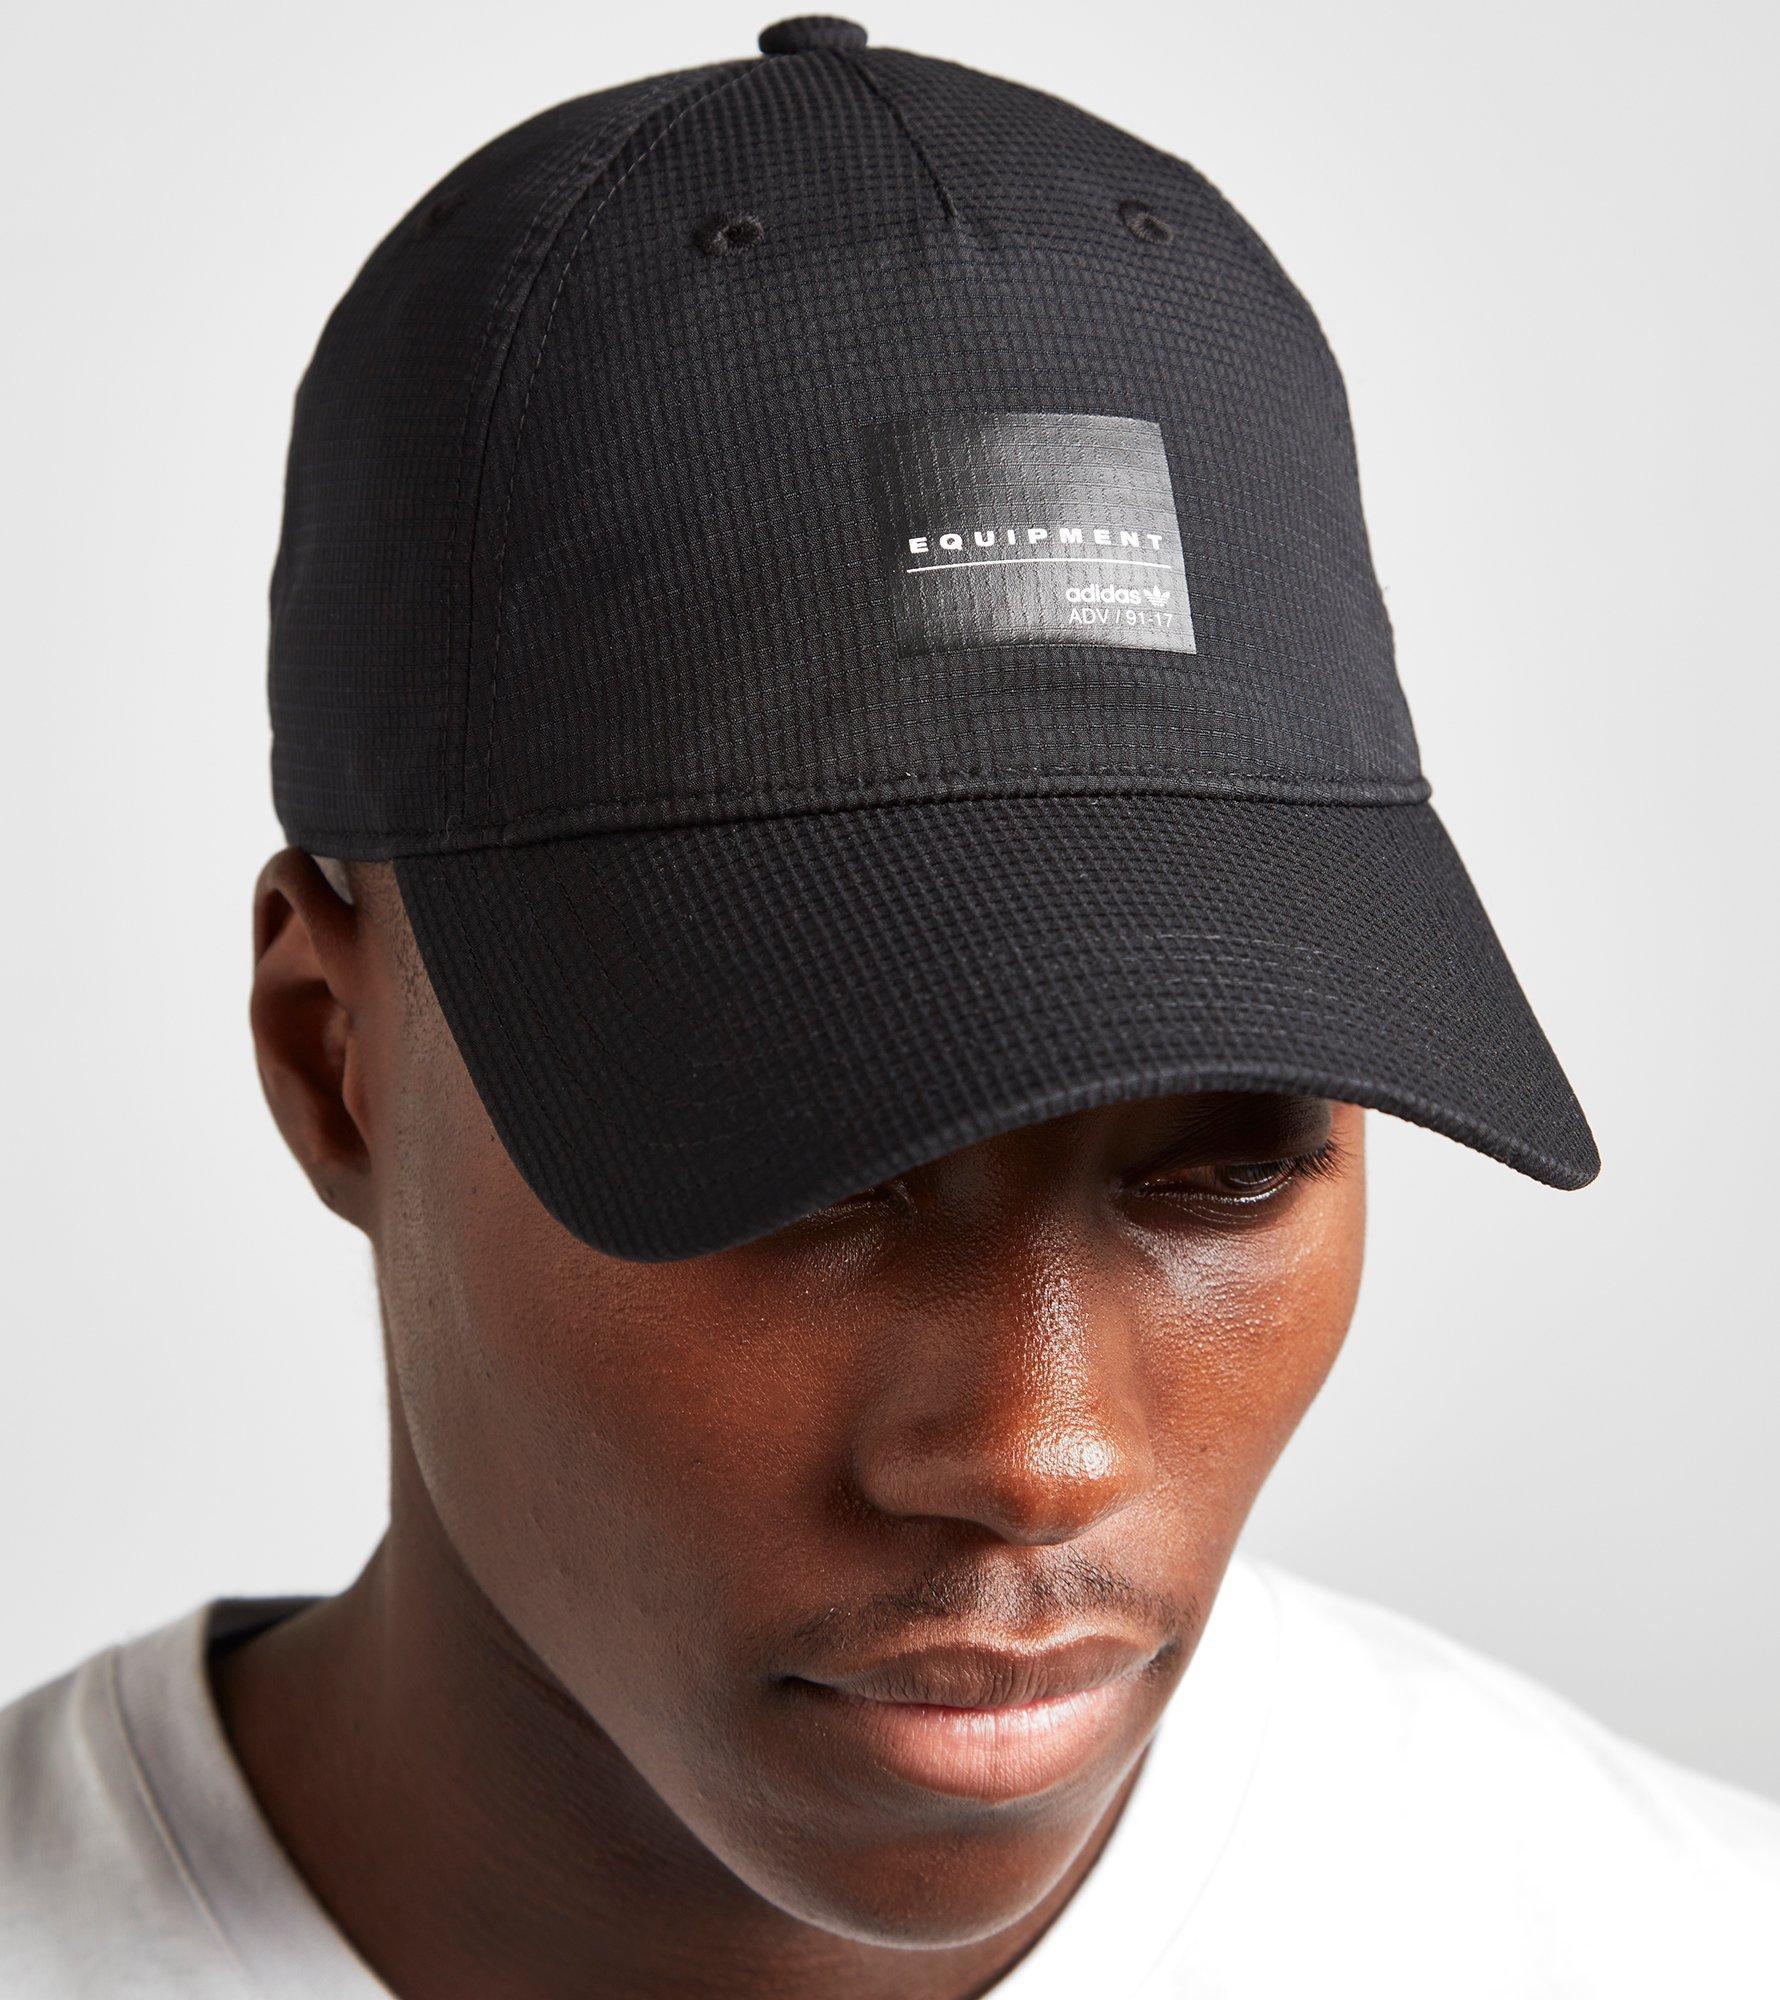 Lyst Lyst Adidas Originals para Eqt Strapback Cap en negro para negro hombre d795eac - www.linkqq.pw